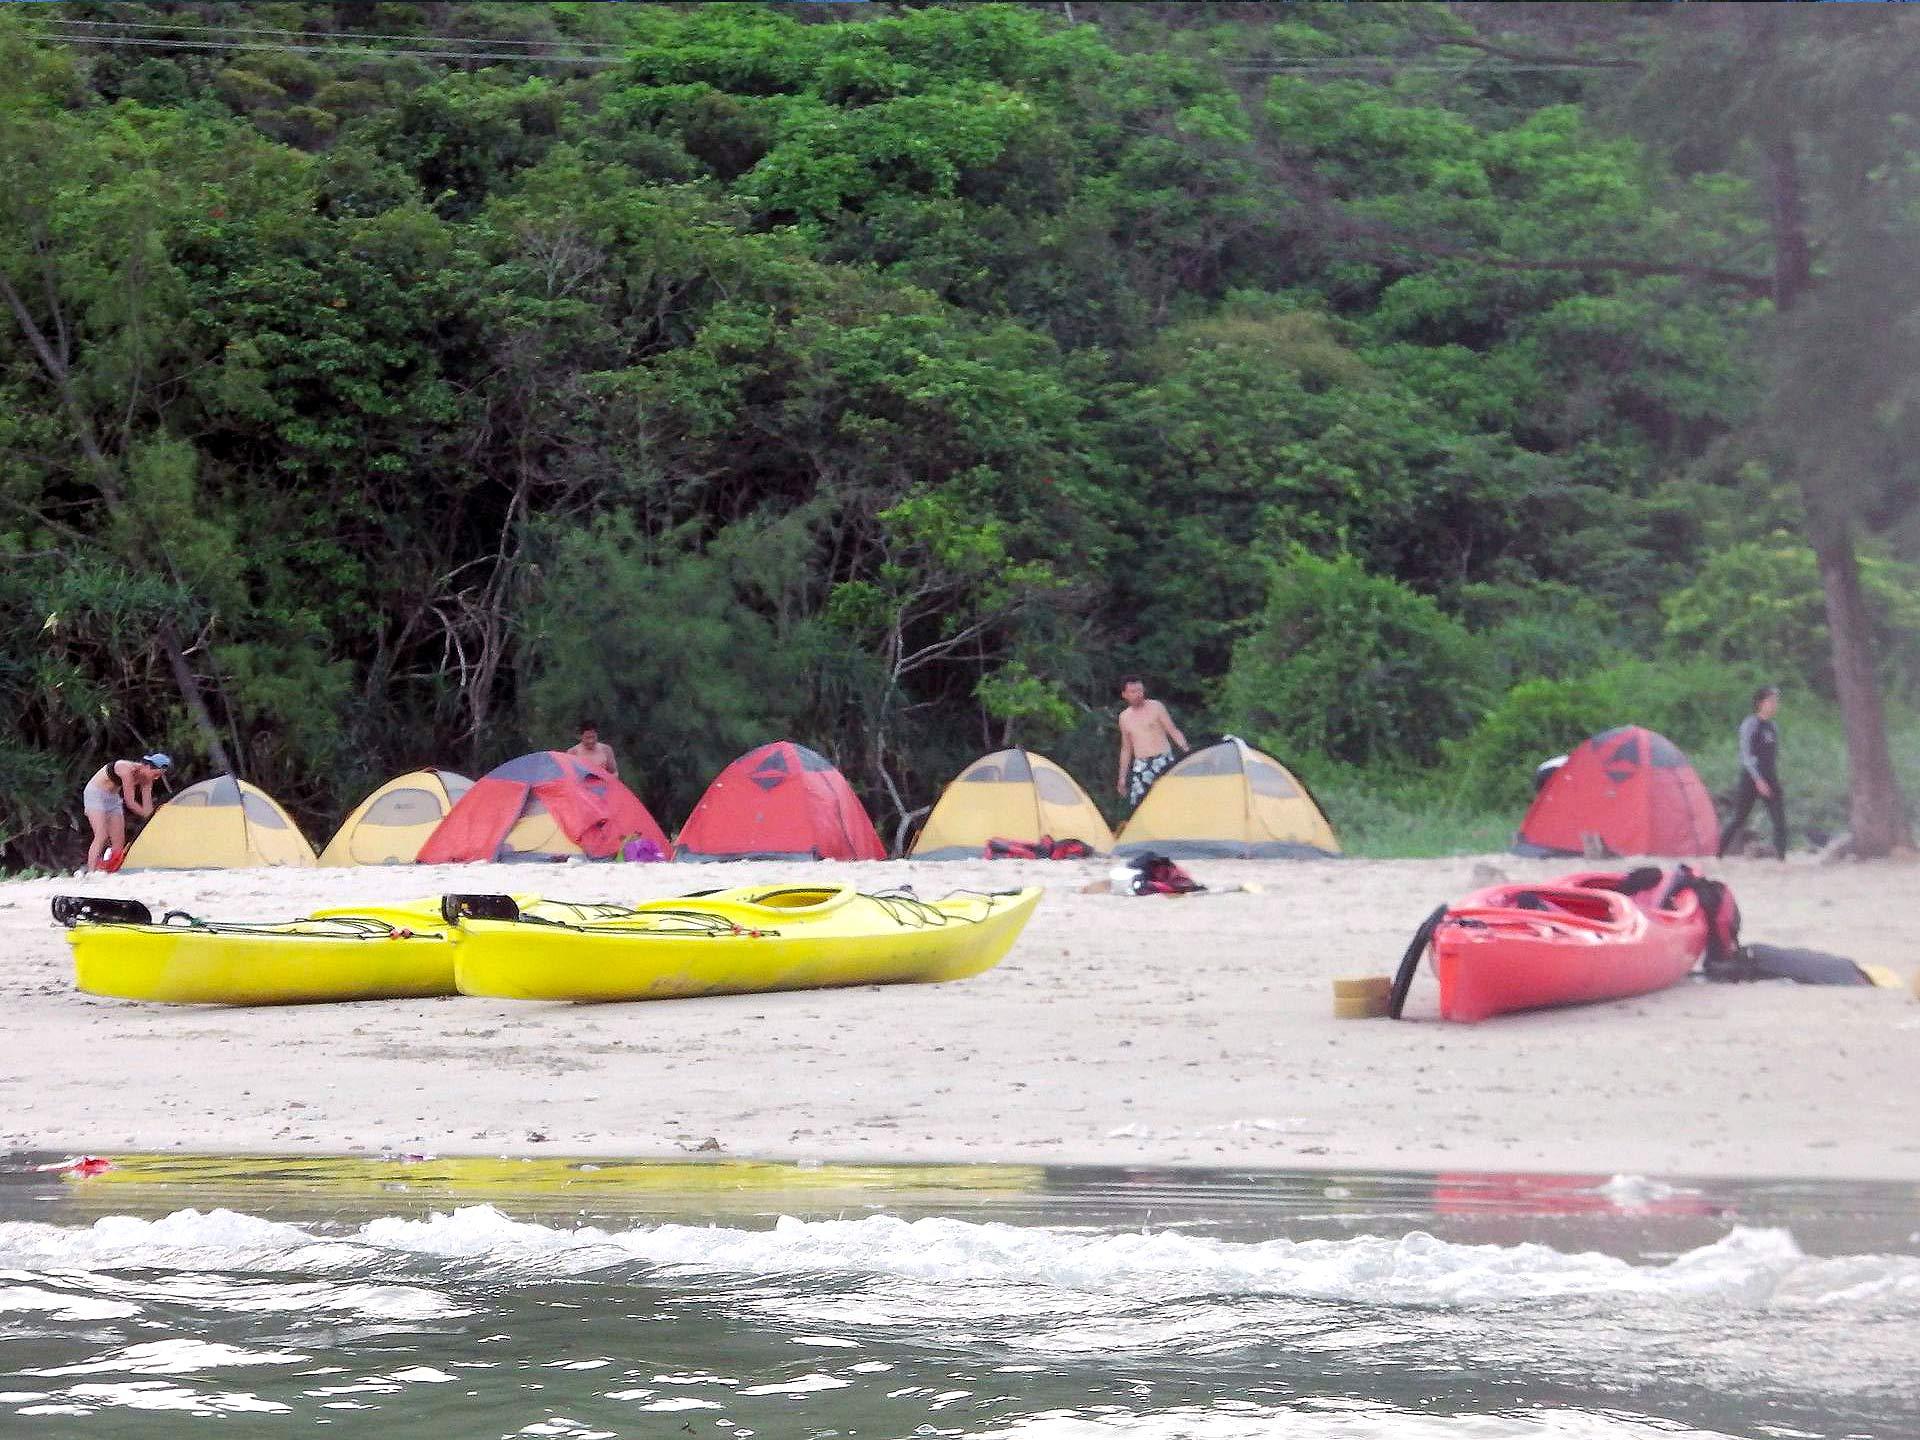 sai-kung-UNESCO-sea-kayak-hong-kong-island-camping